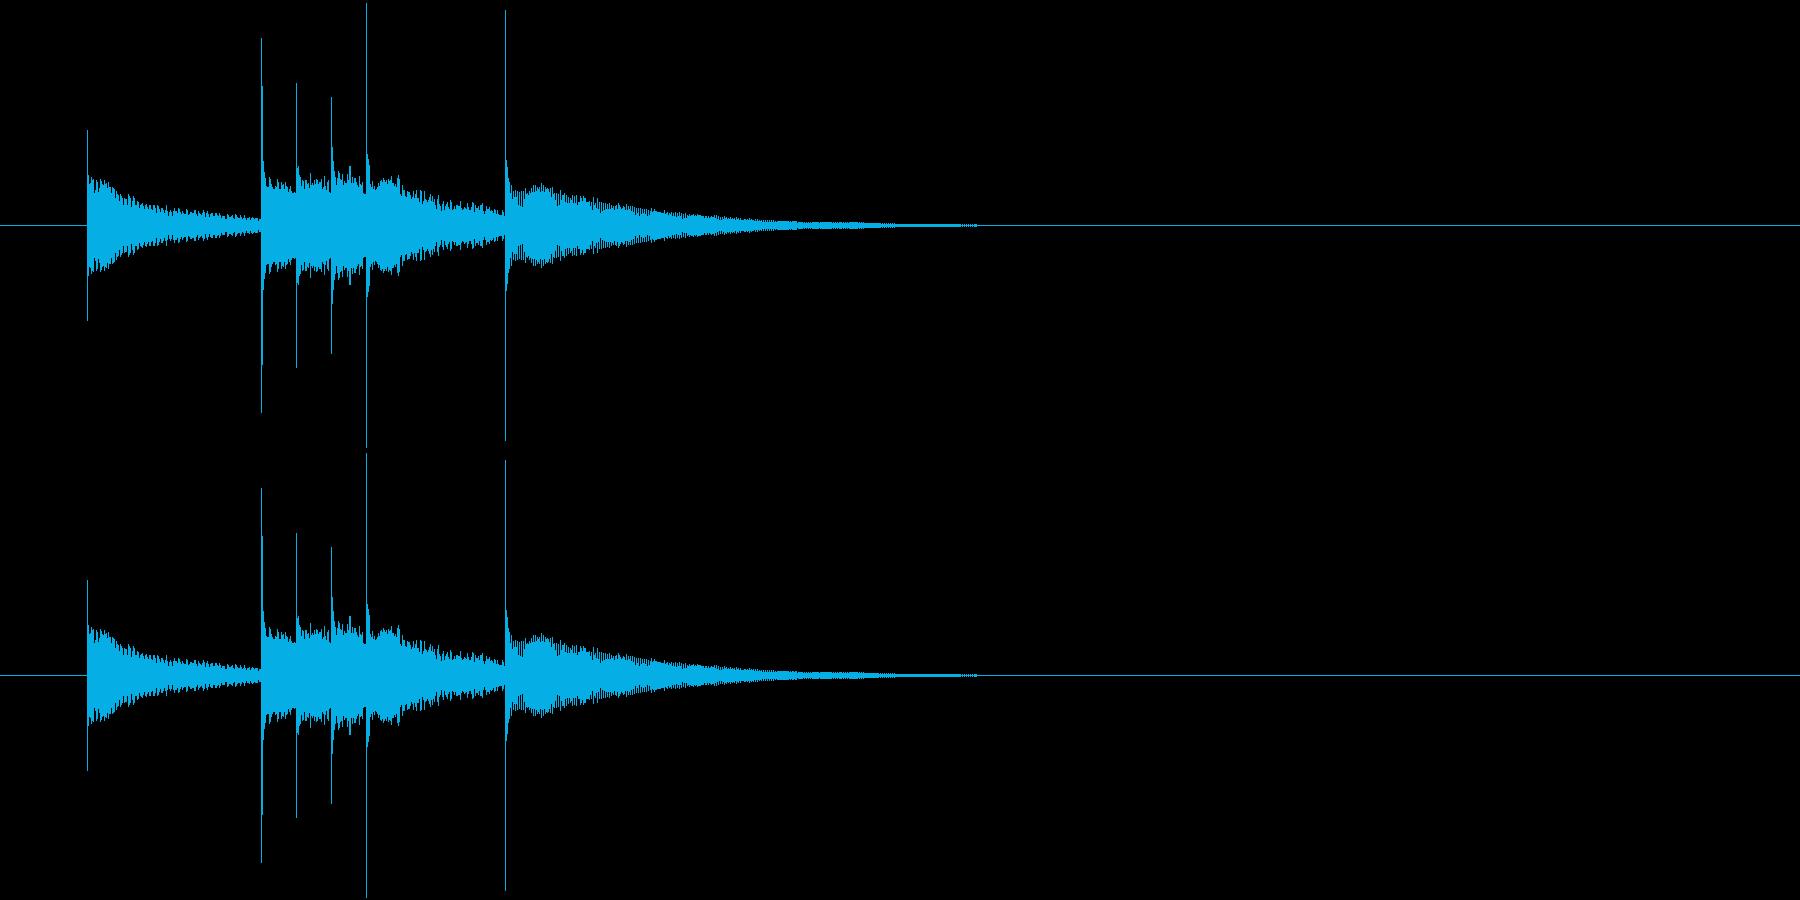 かわいいベル音のワンフレーズの再生済みの波形